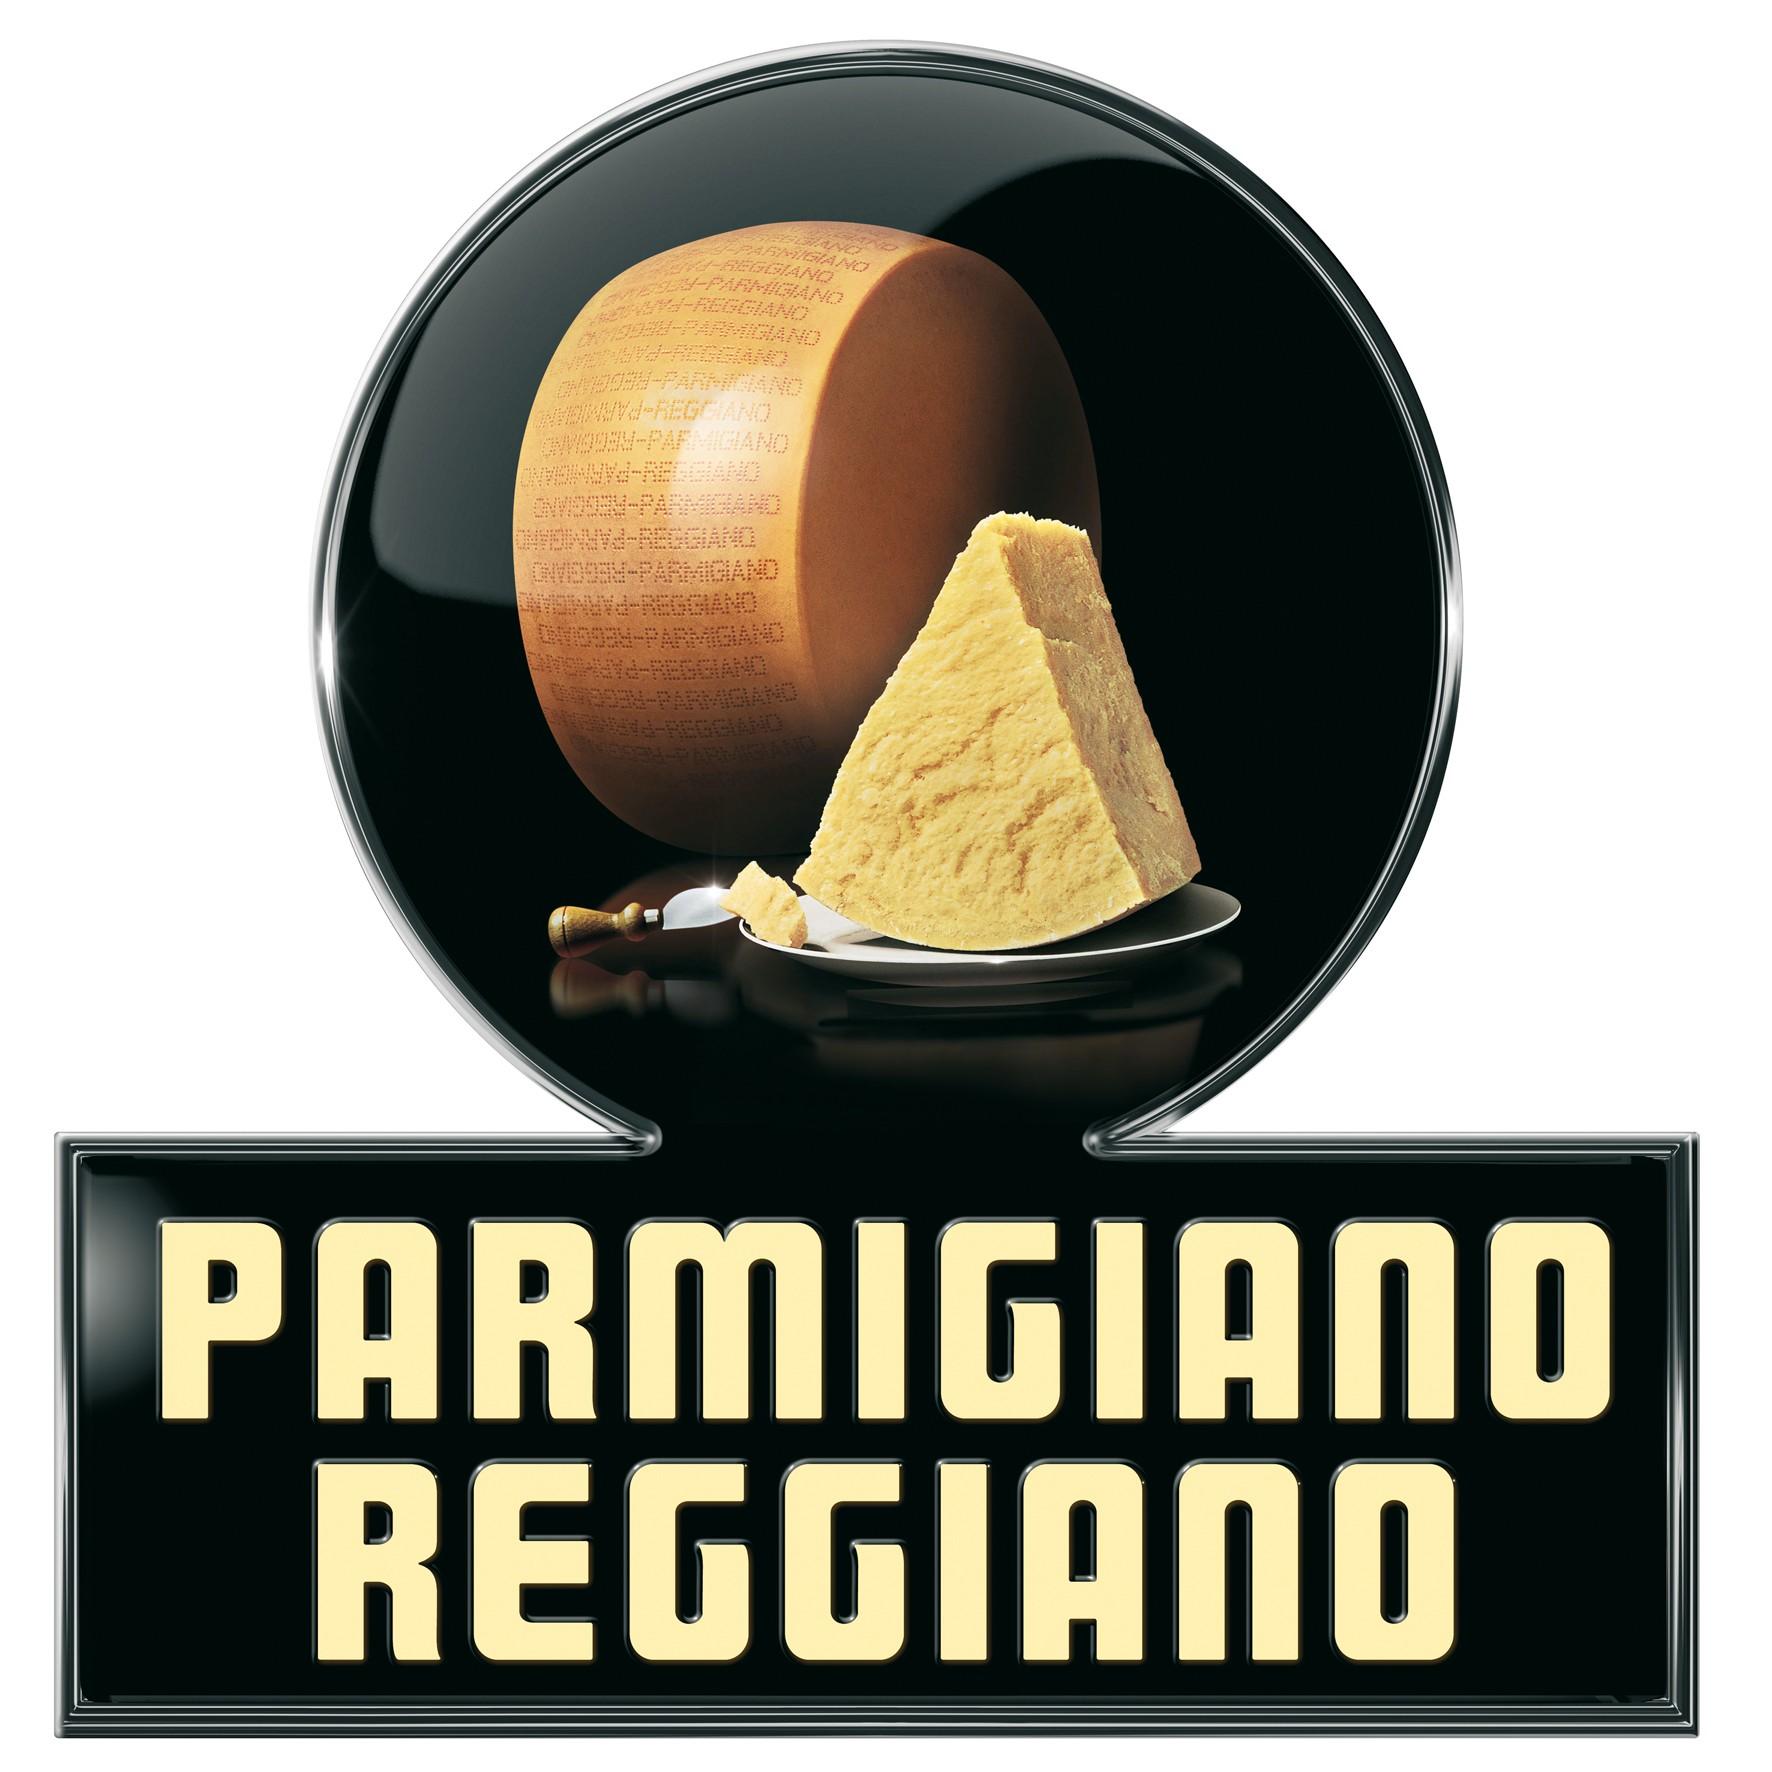 PARMIGIANO REGGIANO / L'Excellence